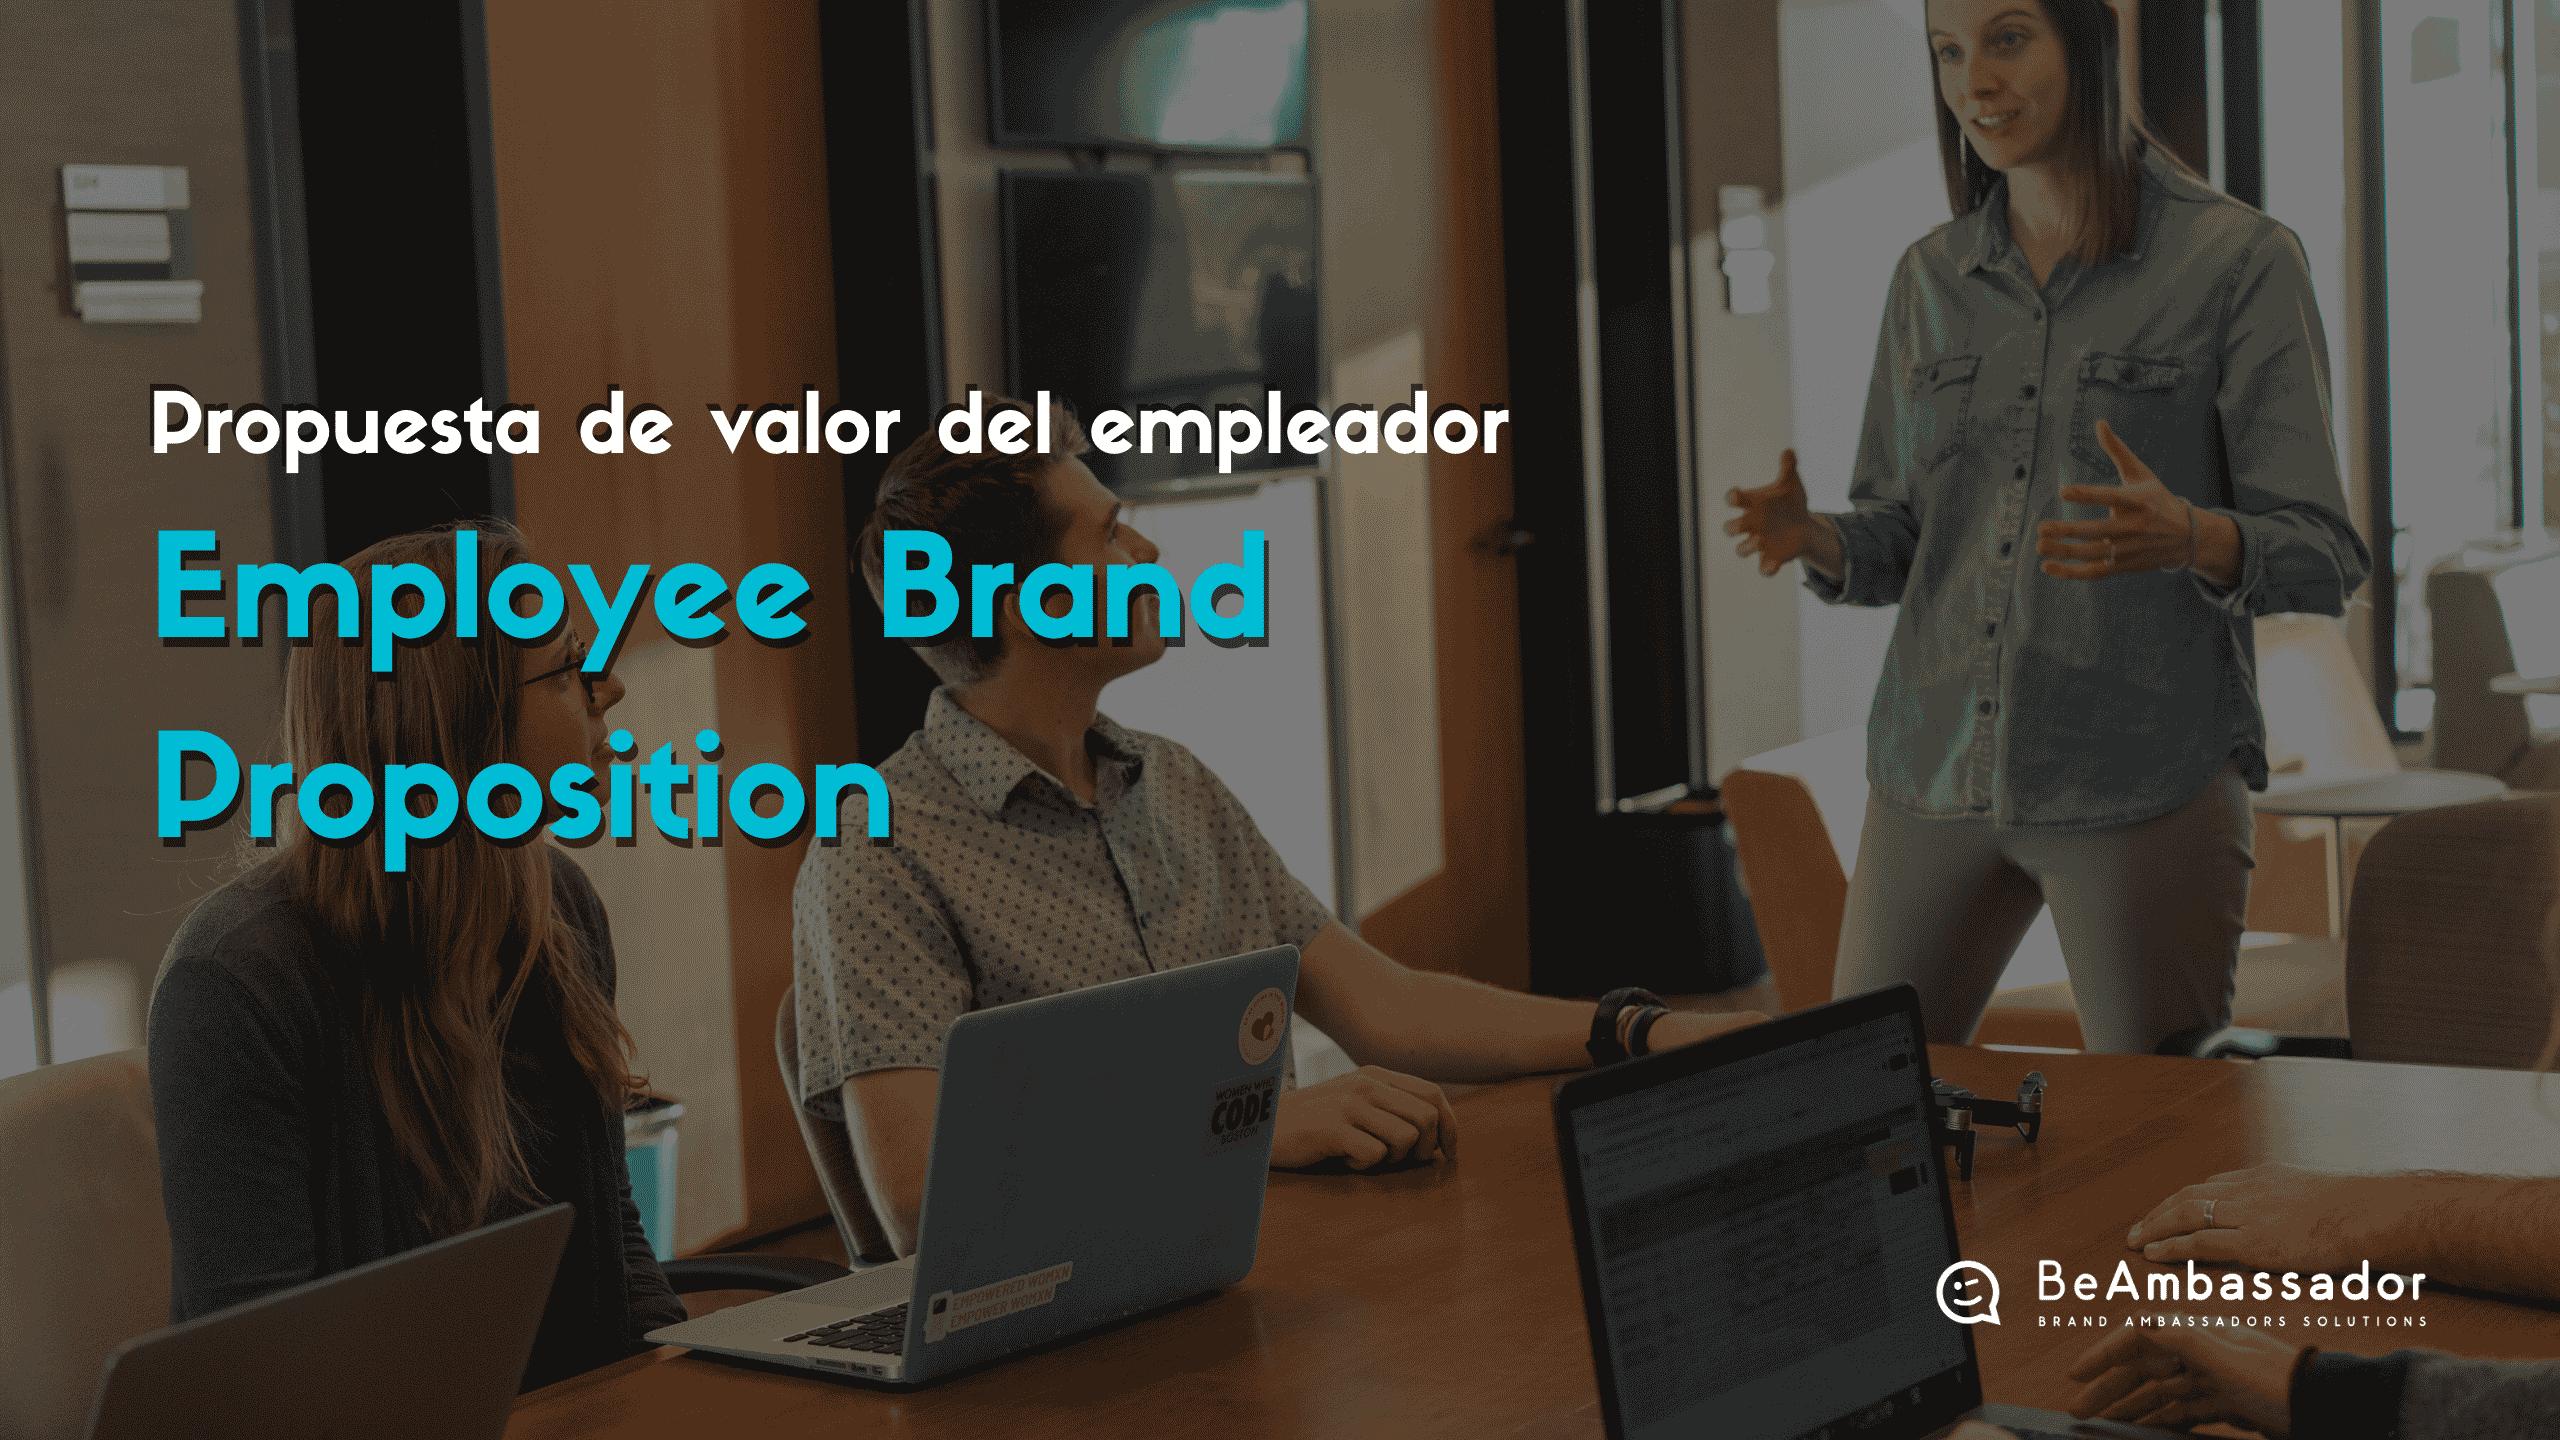 Qué es el Employer Brand Proposition?